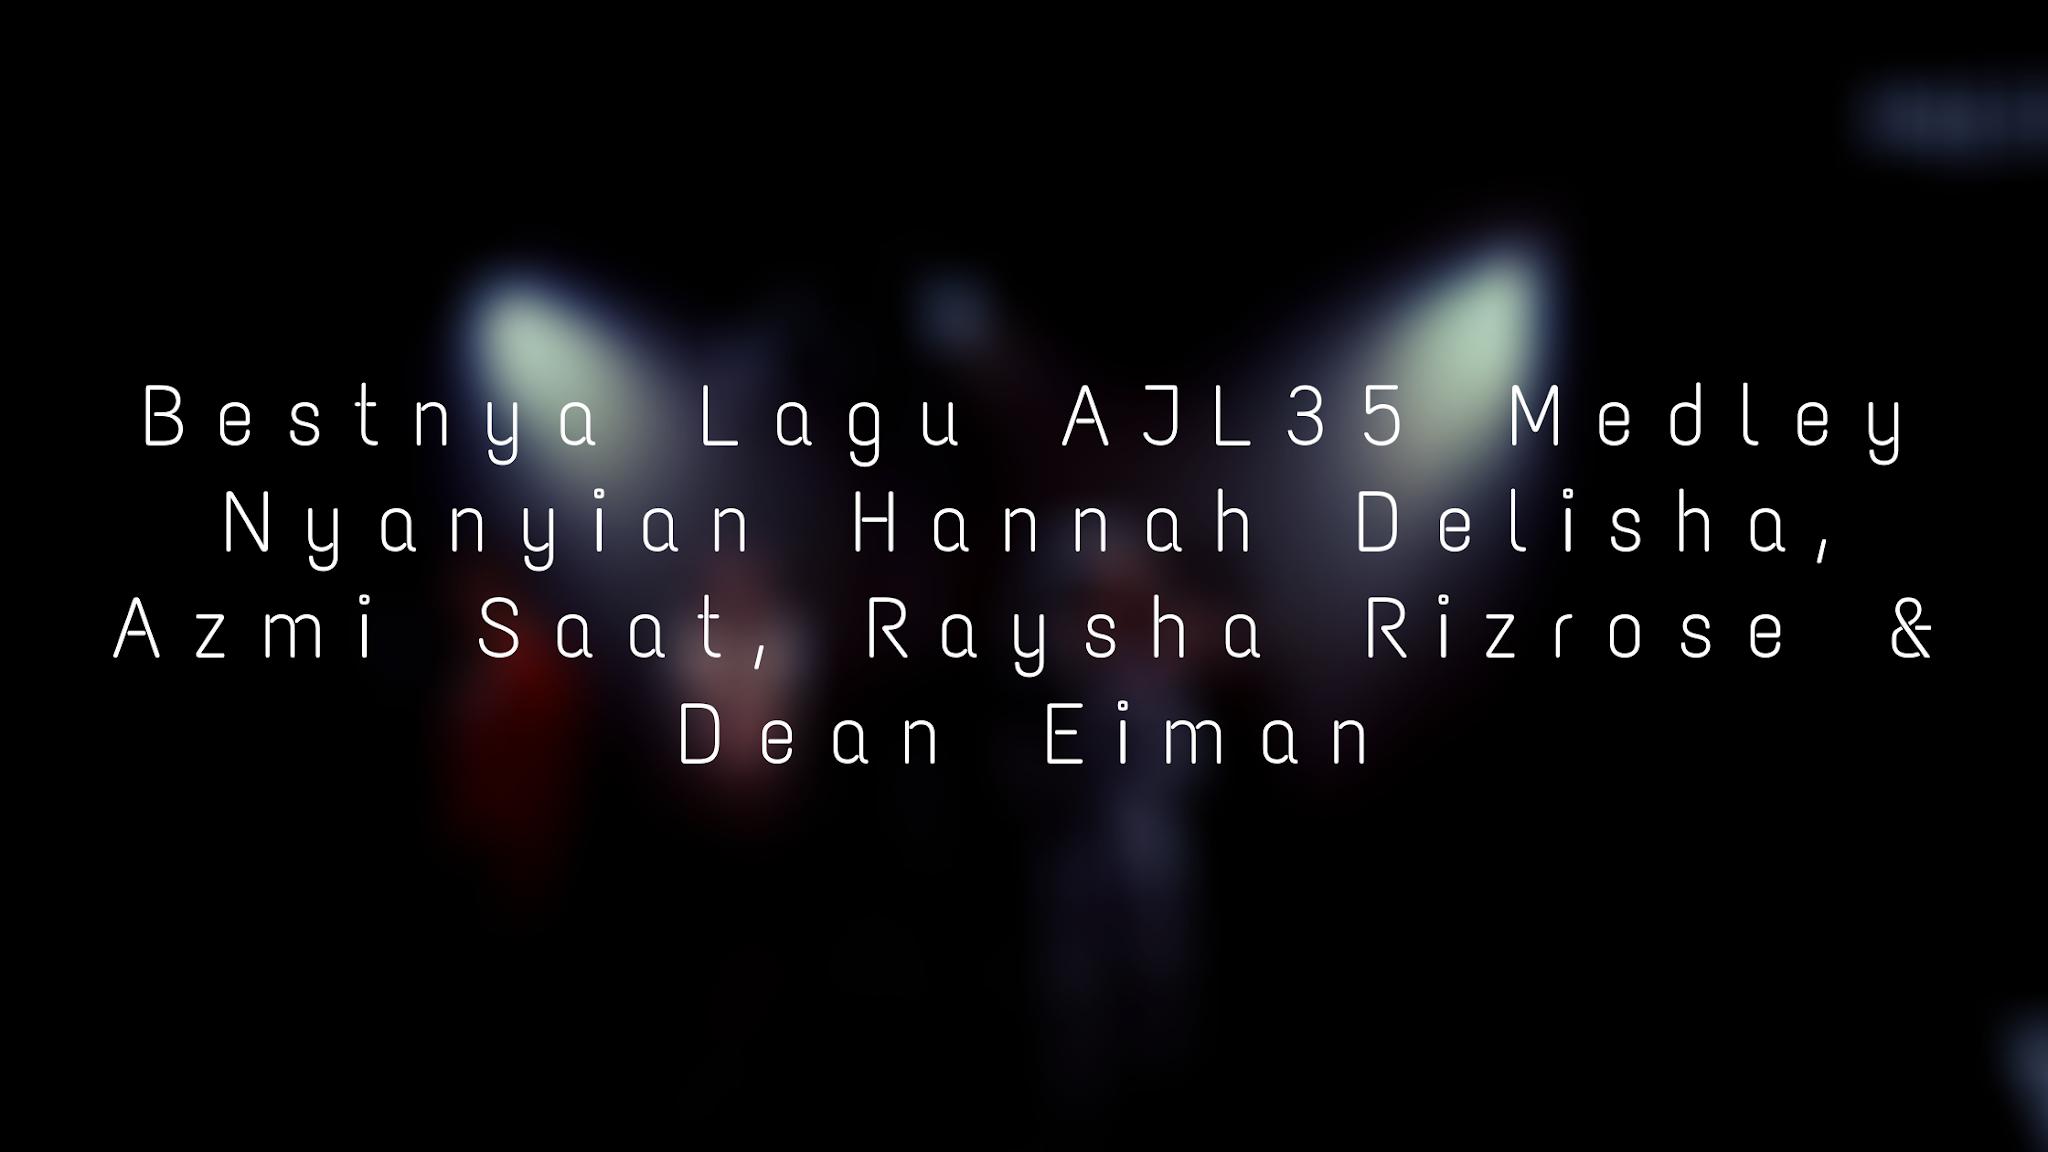 ajl35